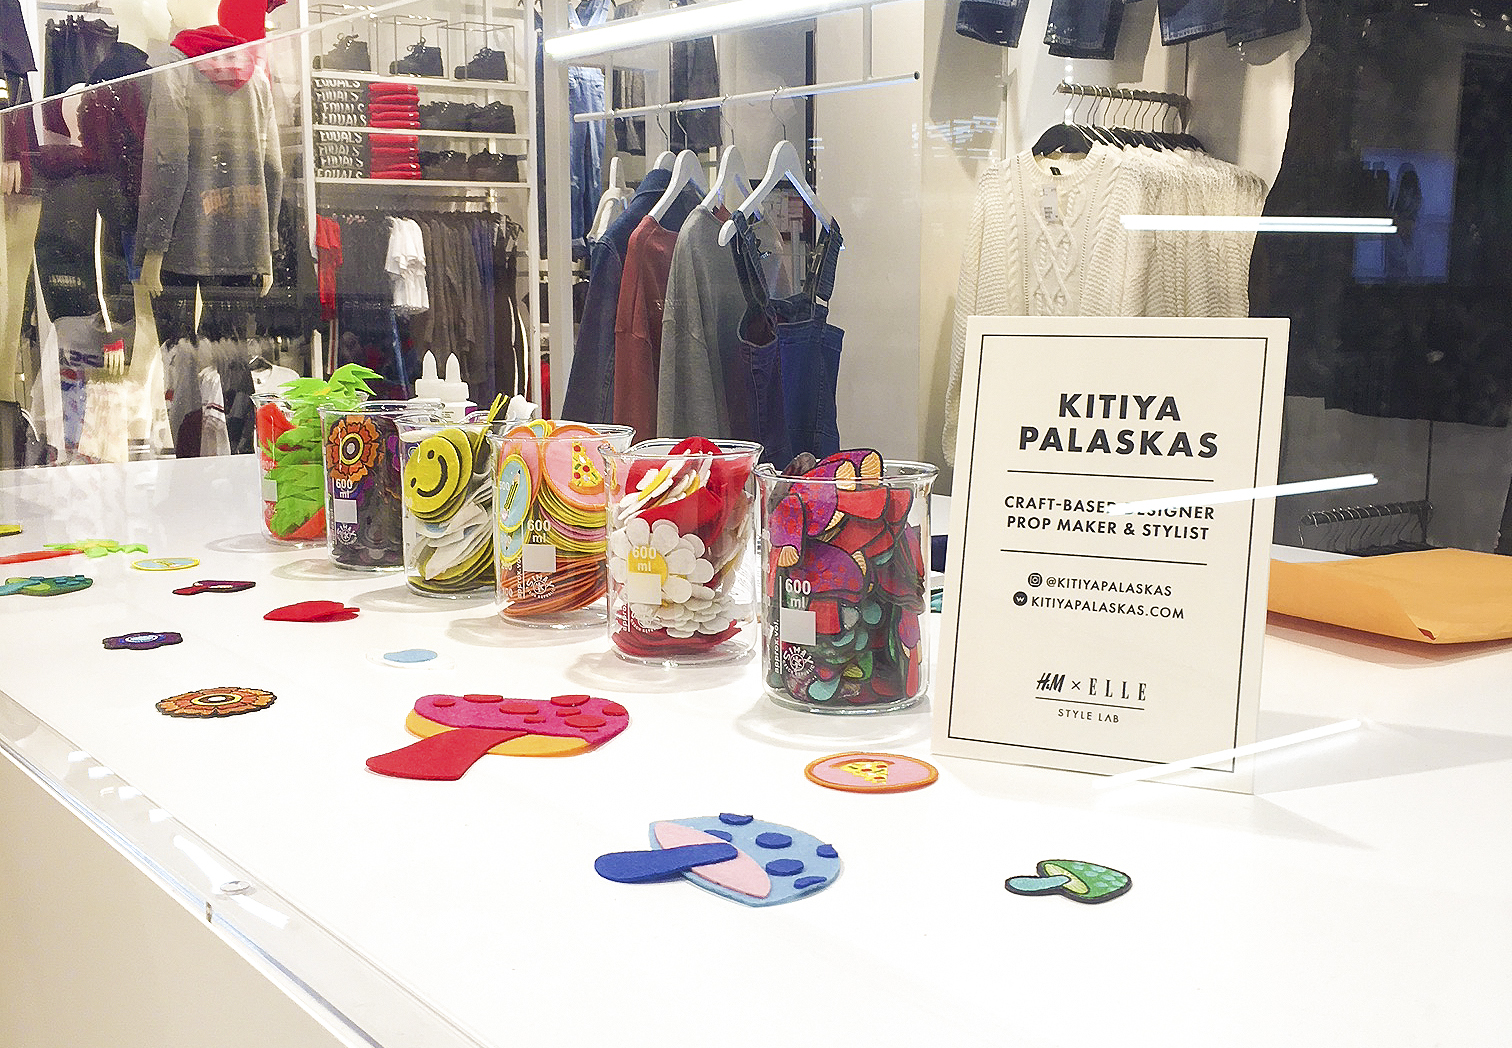 Kitiya Palaskas H&M event.jpg